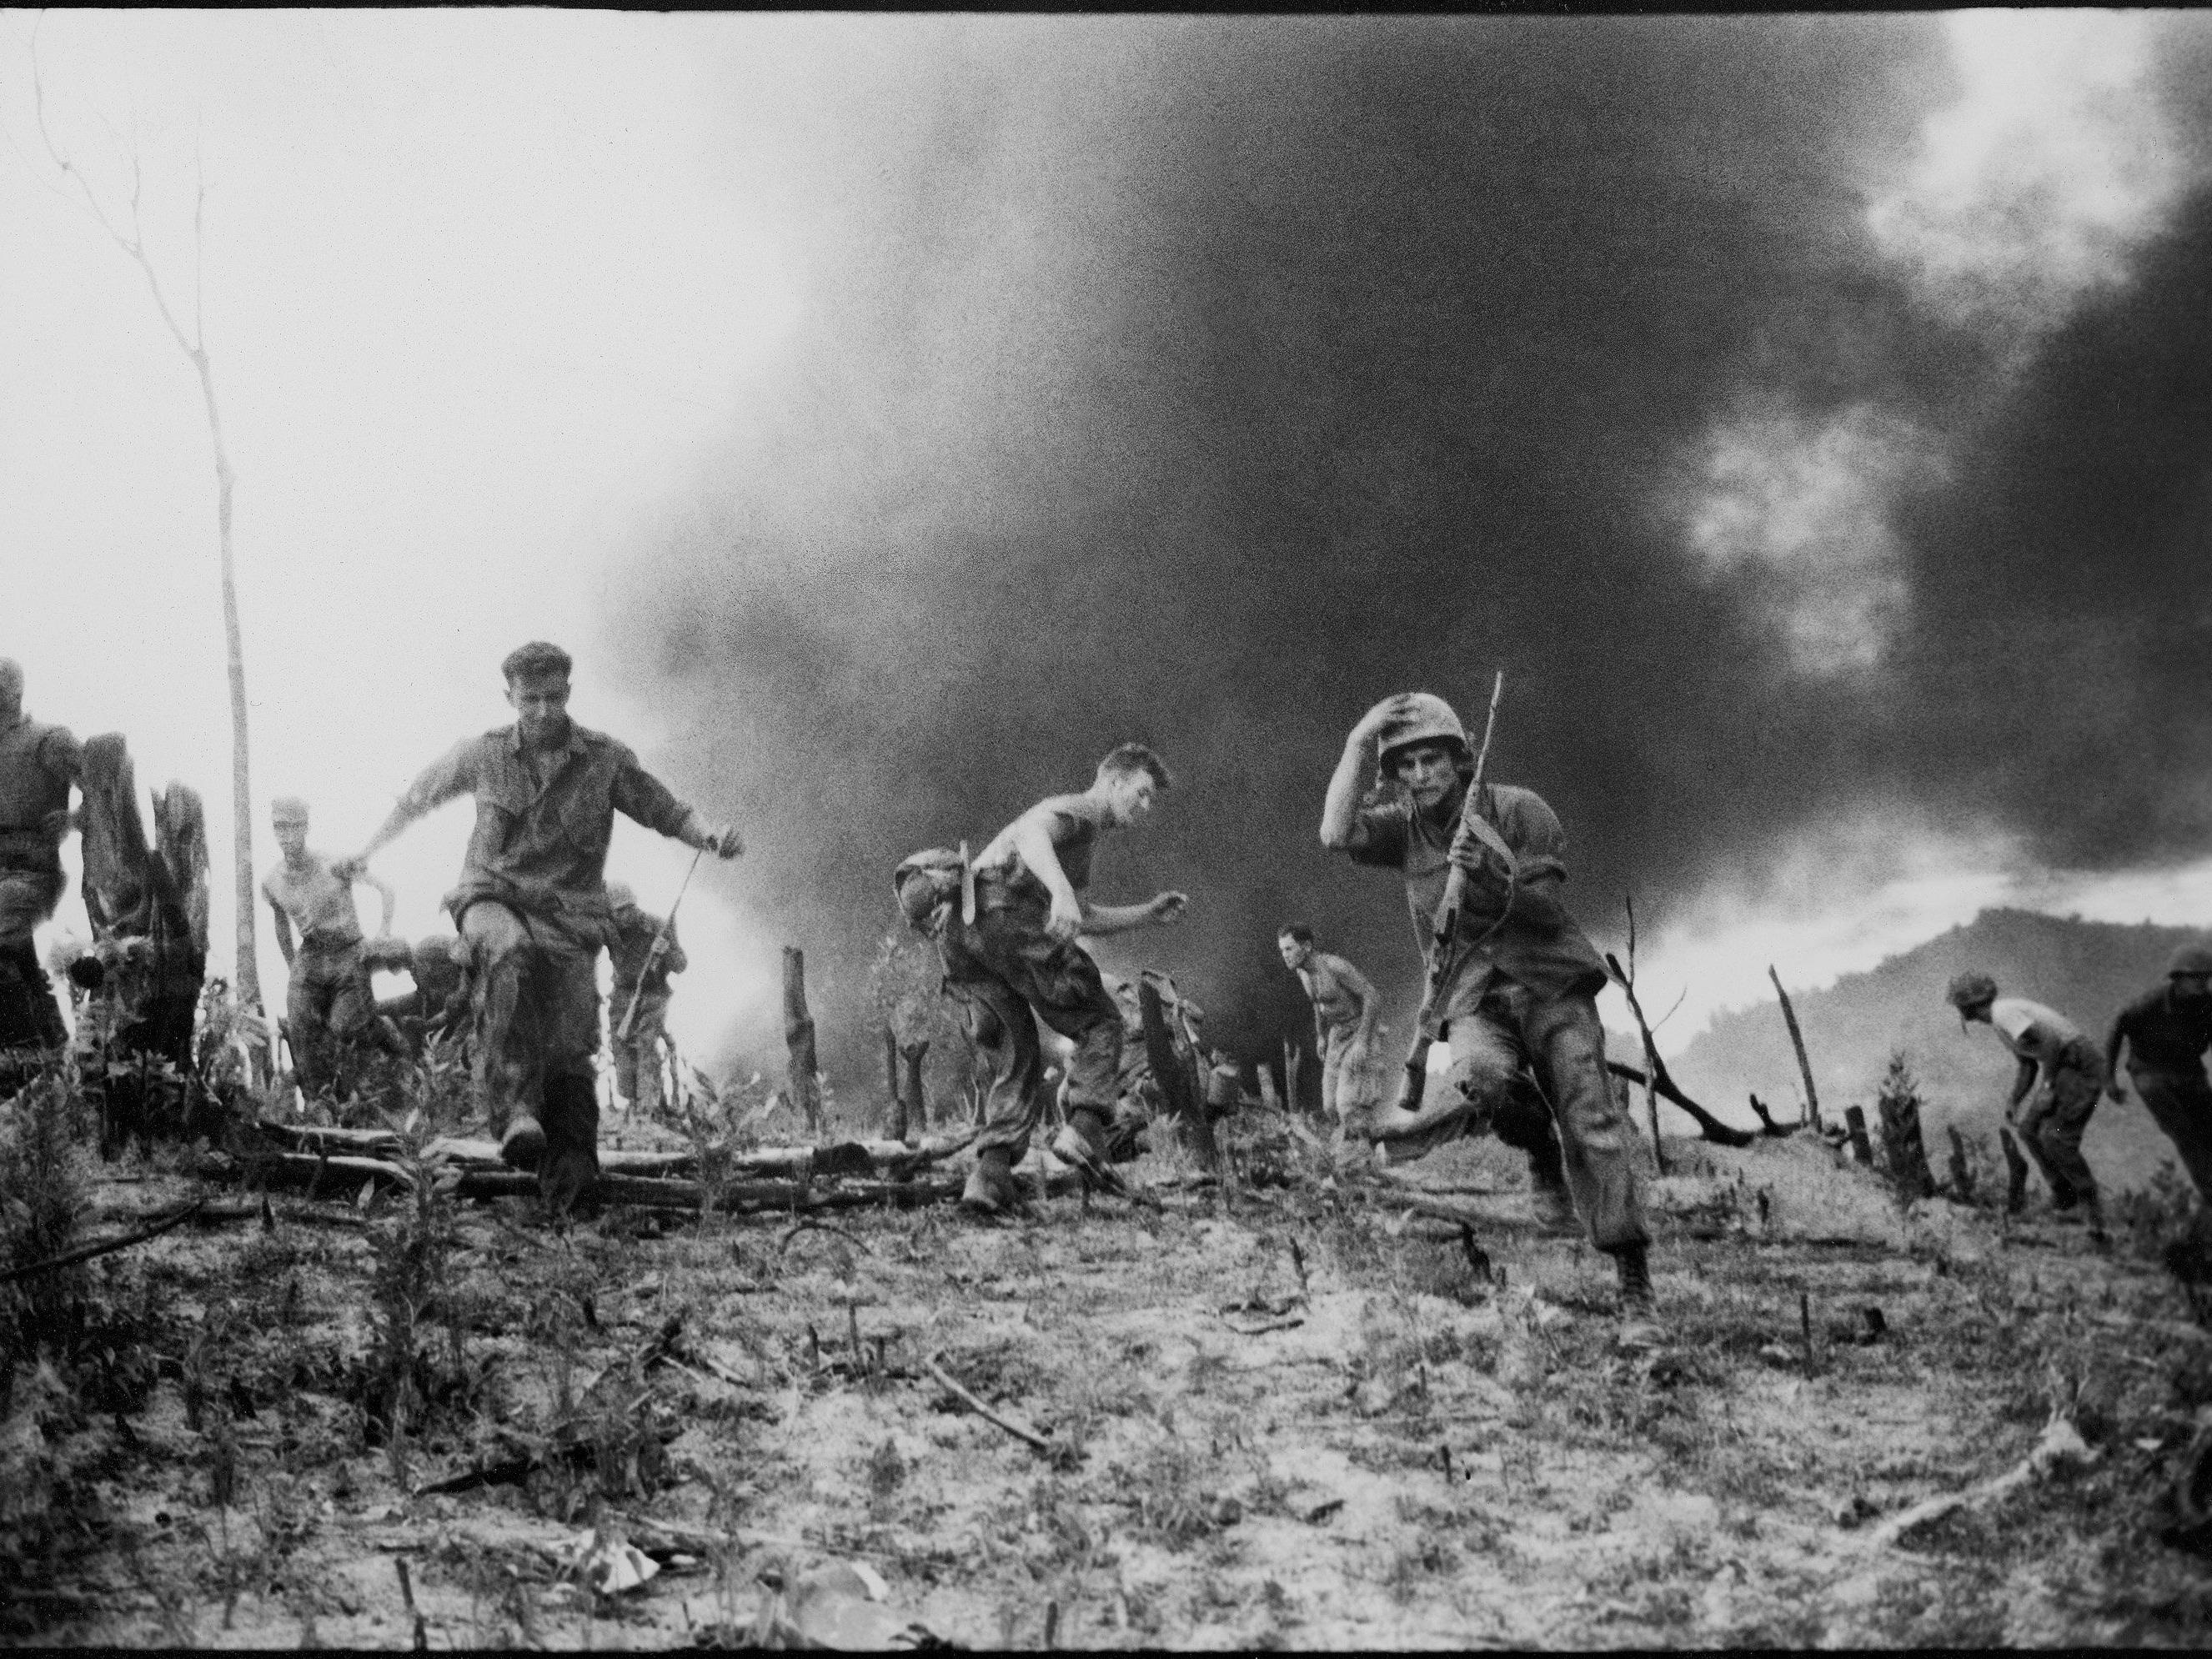 Vietnam erinnerte am 30. April 2015 an Ende des Krieges vor 40 Jahren